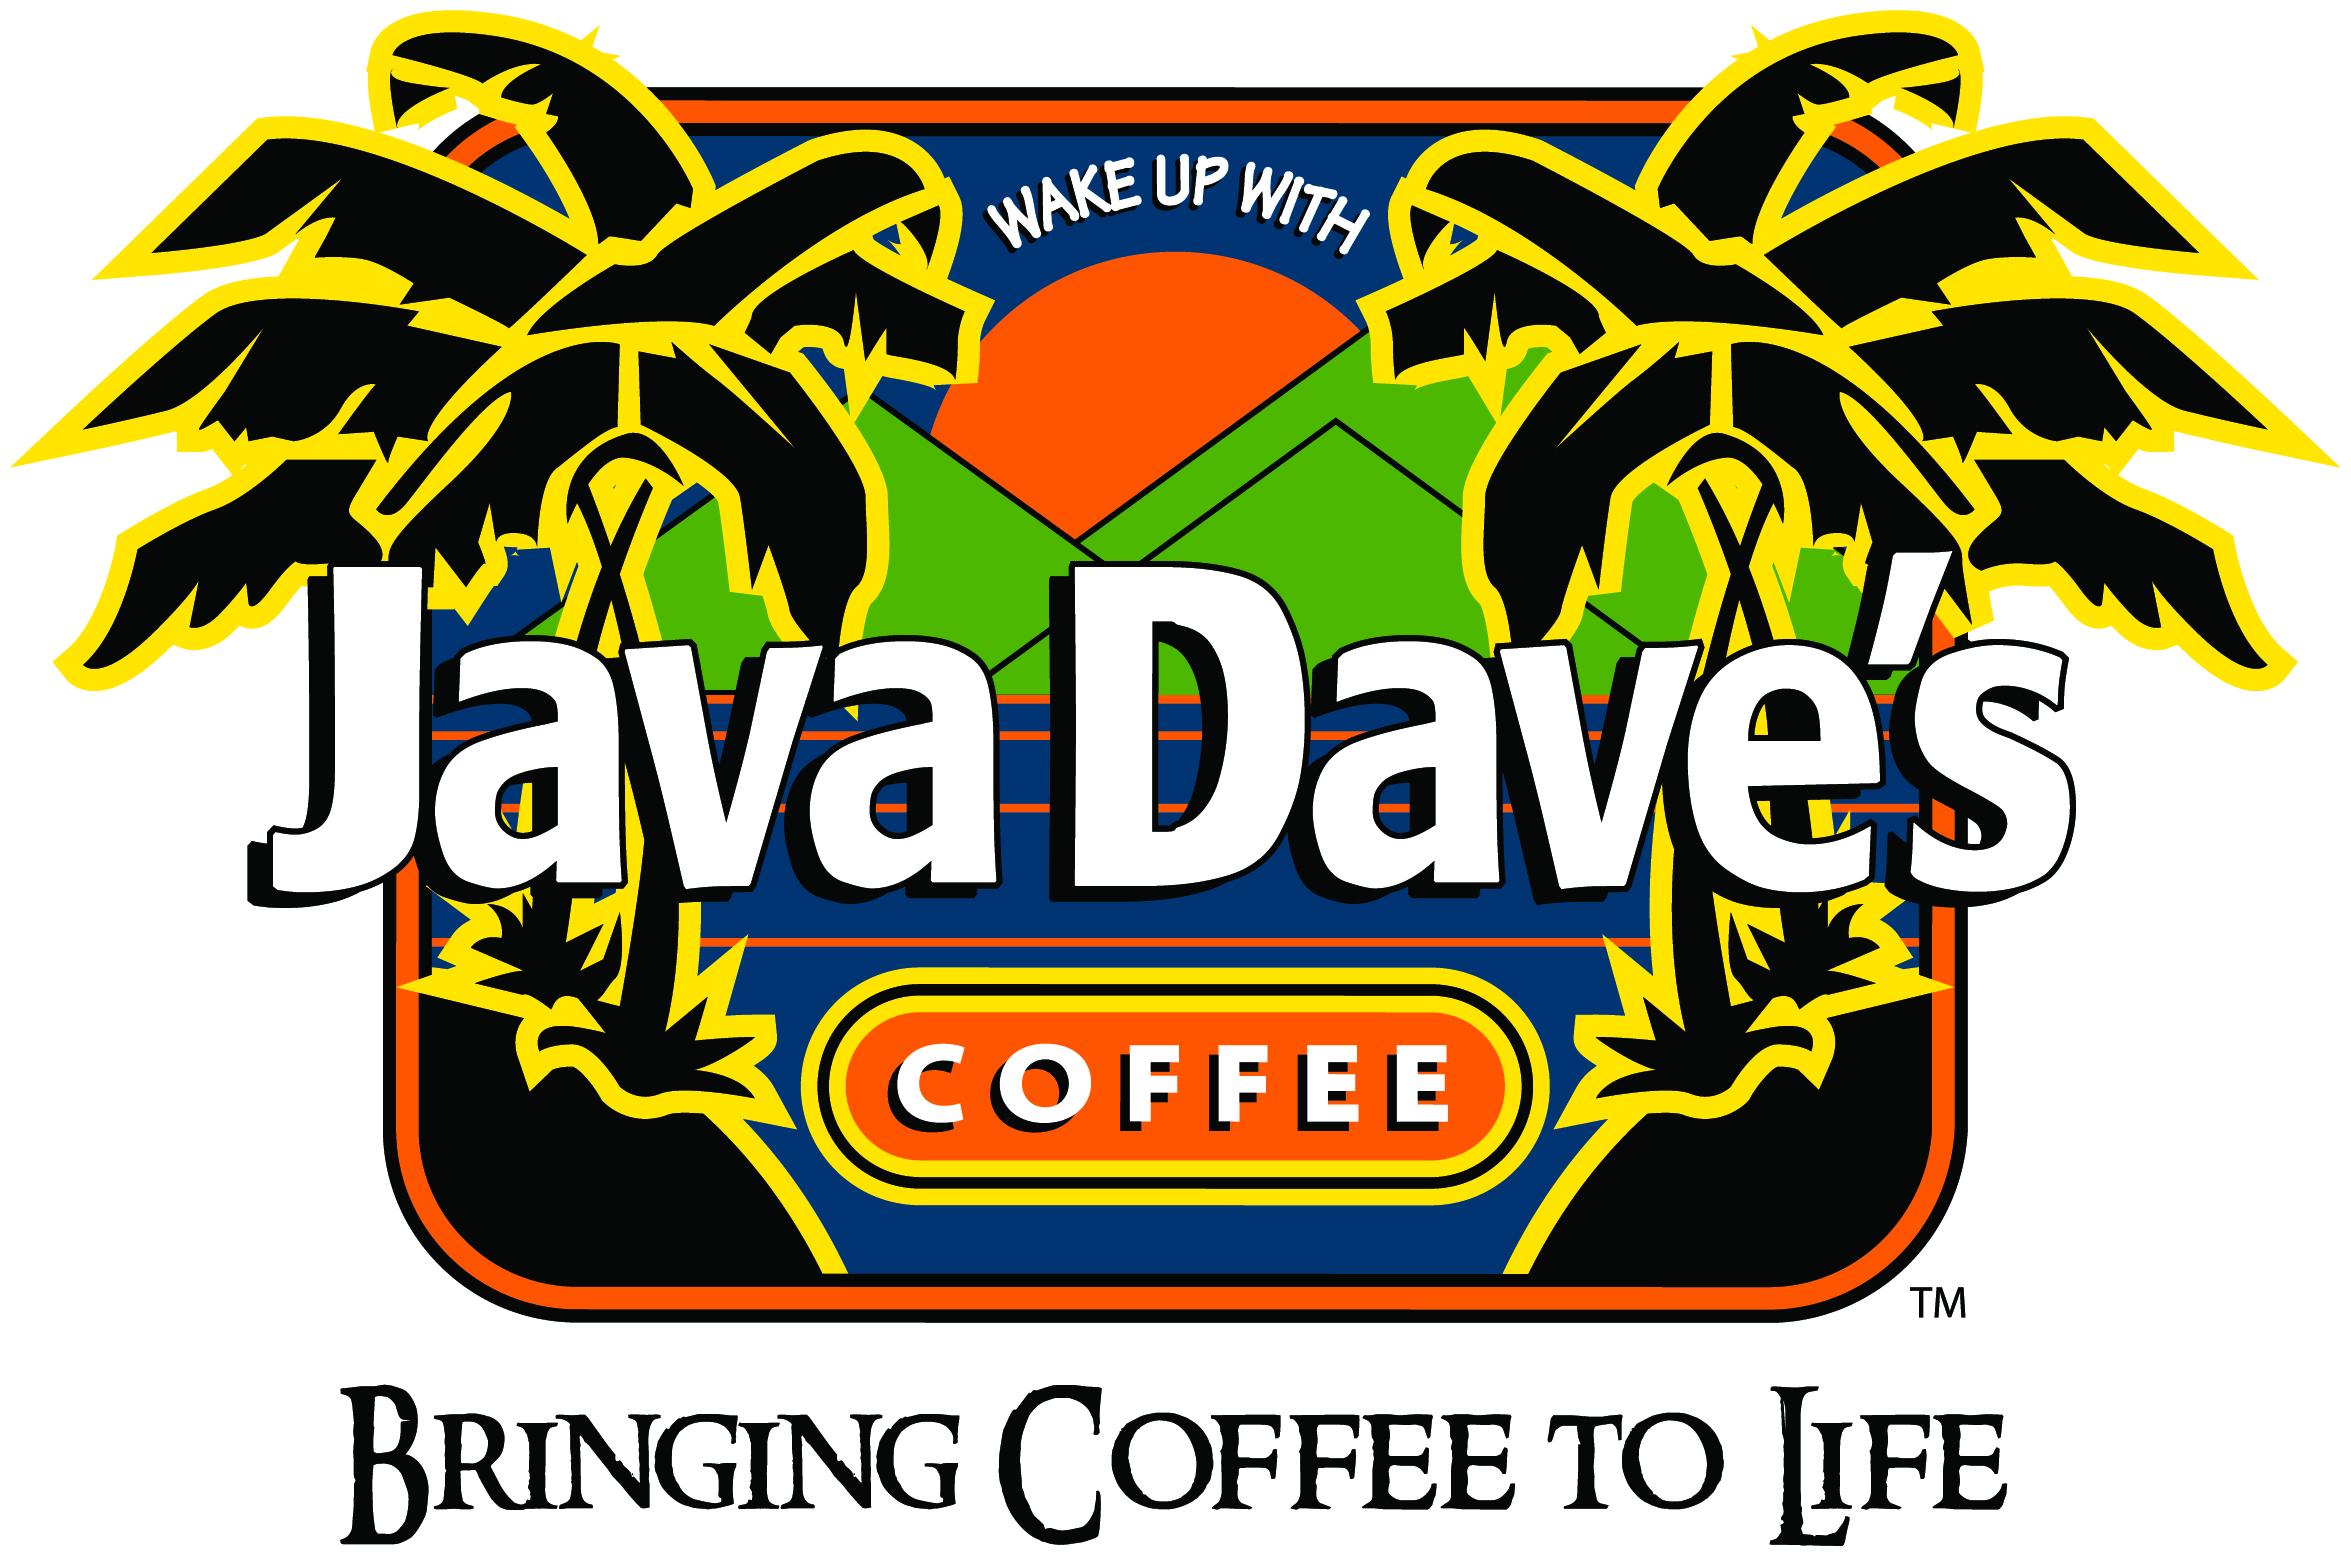 java-daves-logo.jpg